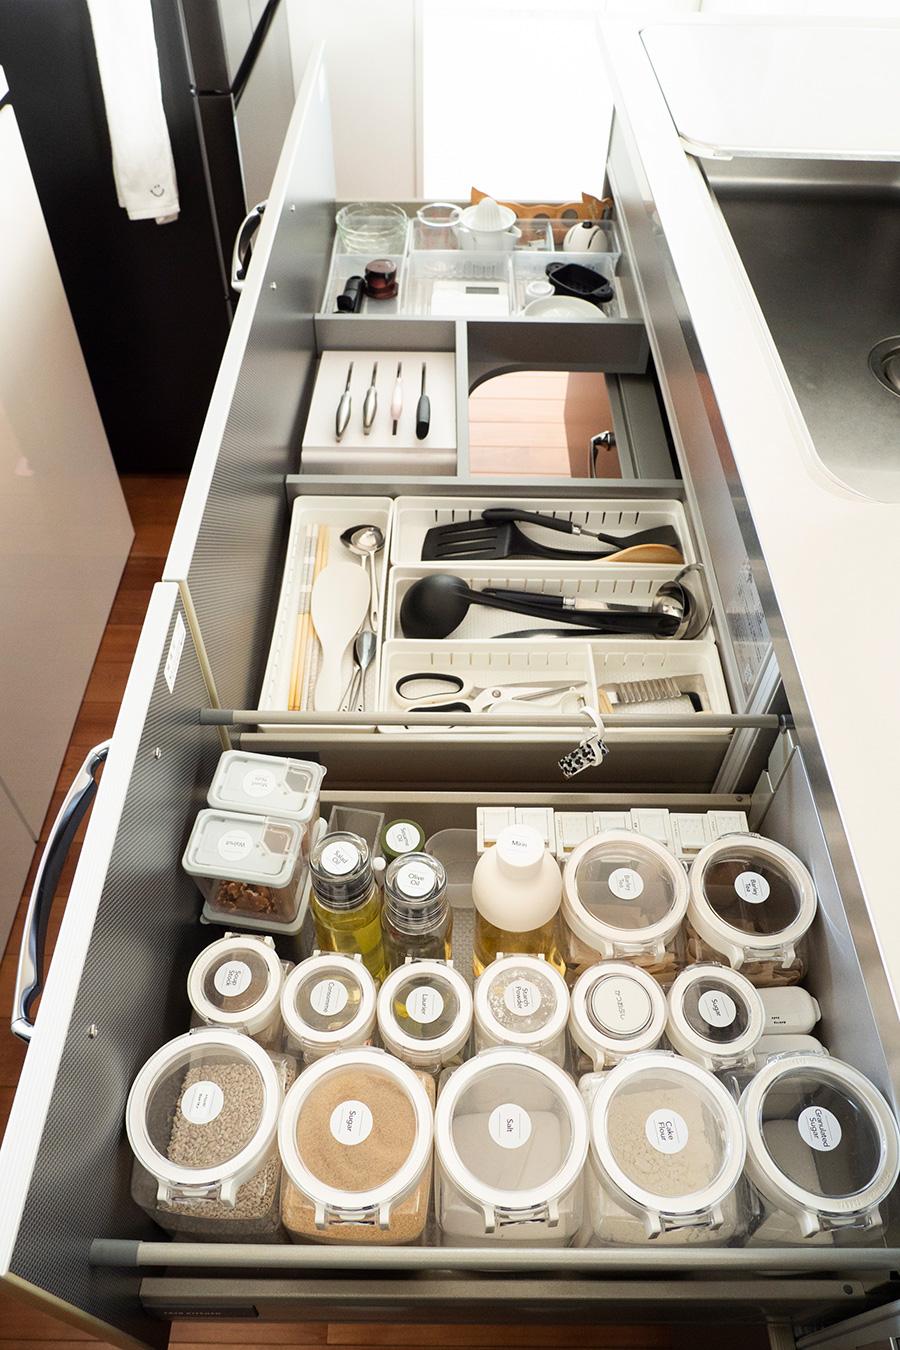 調味料などは中身の見える統一されたケースに。常に収納しているので汚れることも少ない。